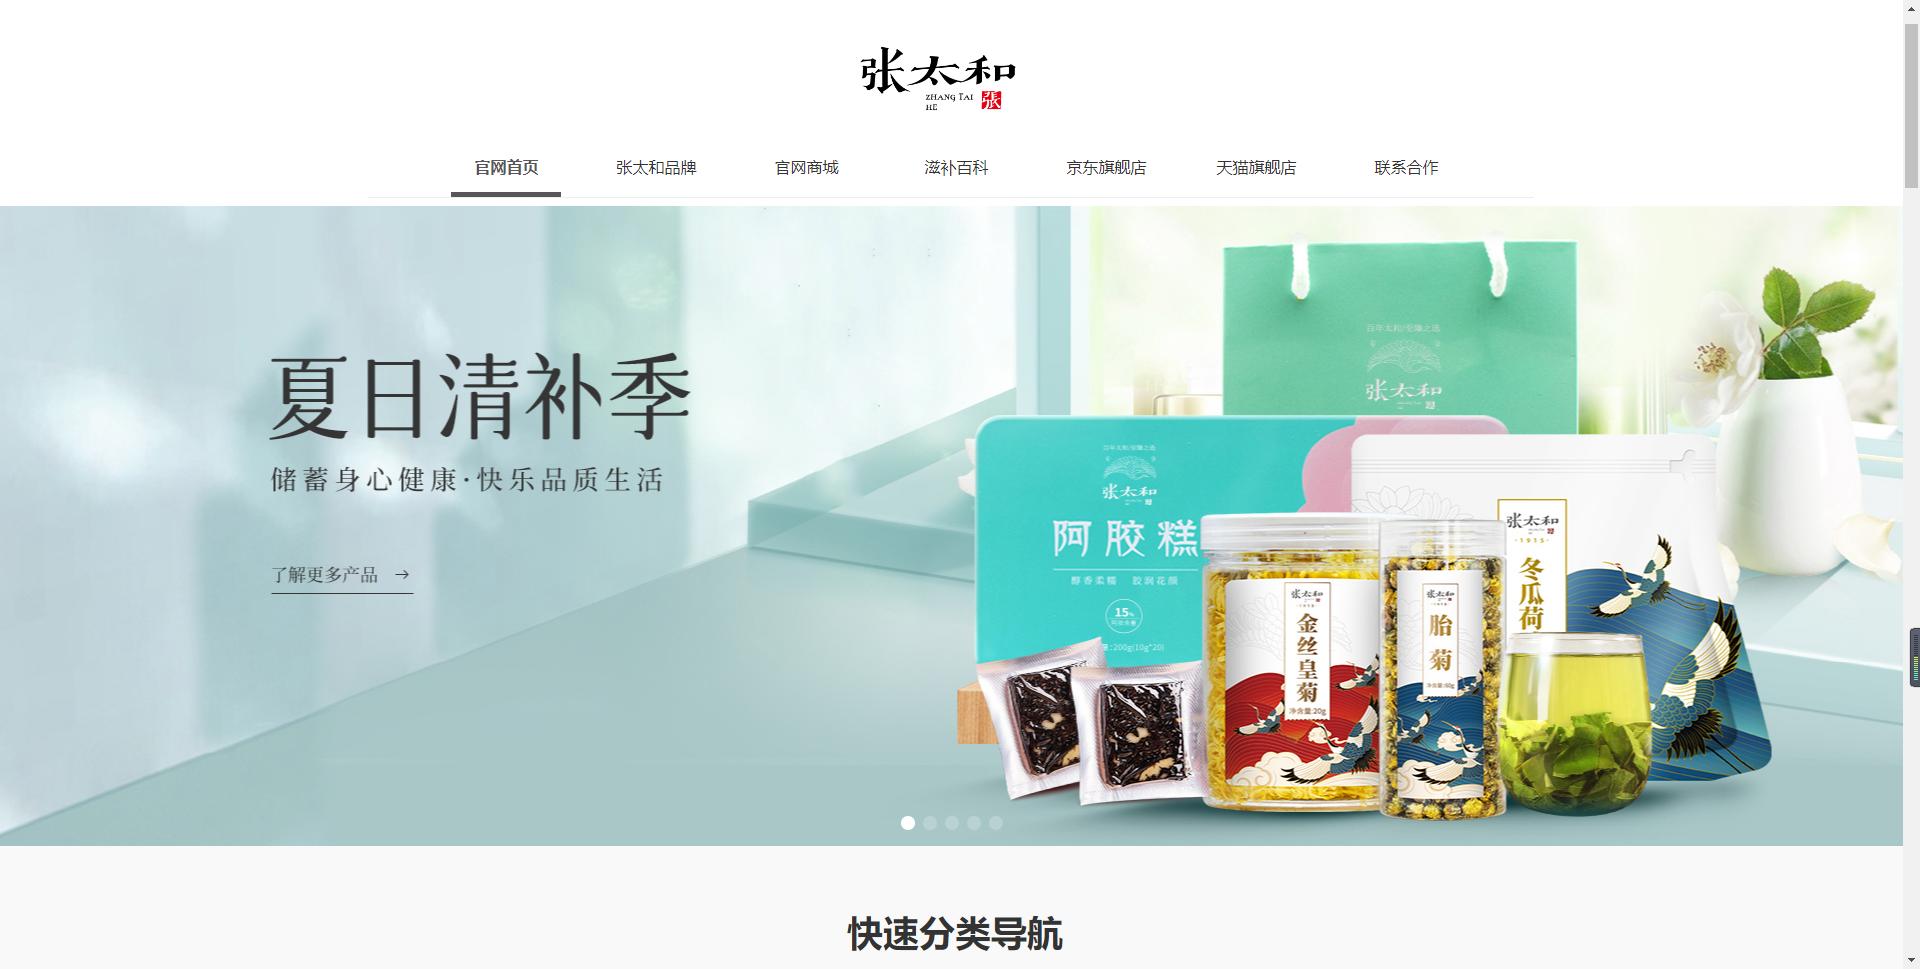 张太和品牌官网